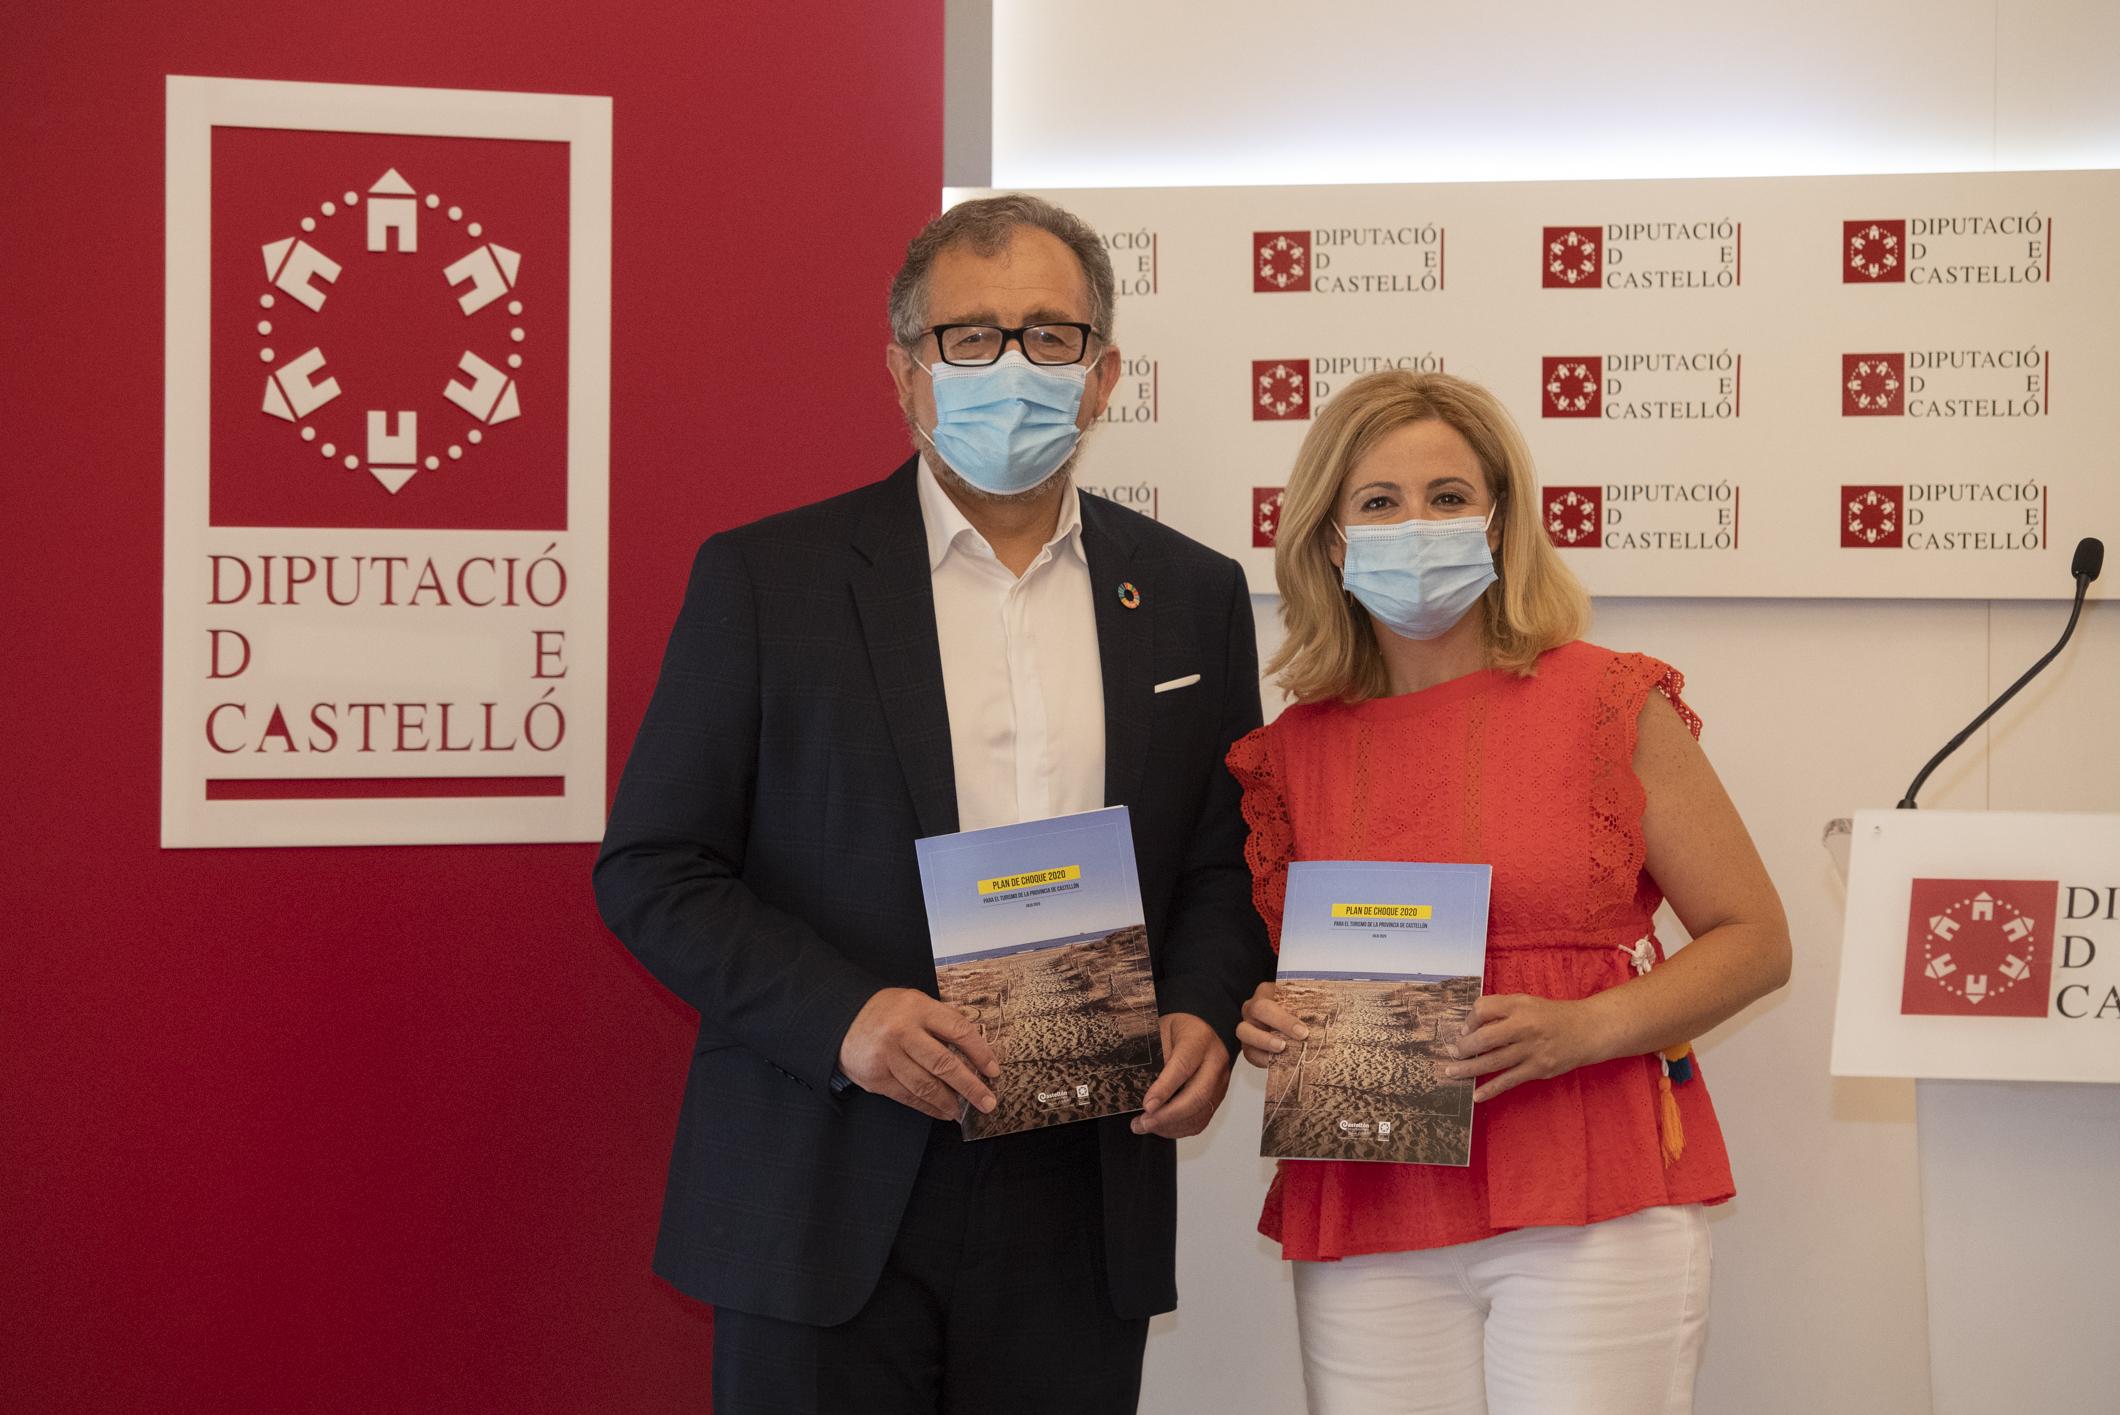 La Diputación diseña un plan de choque de 2,8 millones de euros para reactivar el turismo en Castellón con el ojo puesto en el viajero nacional